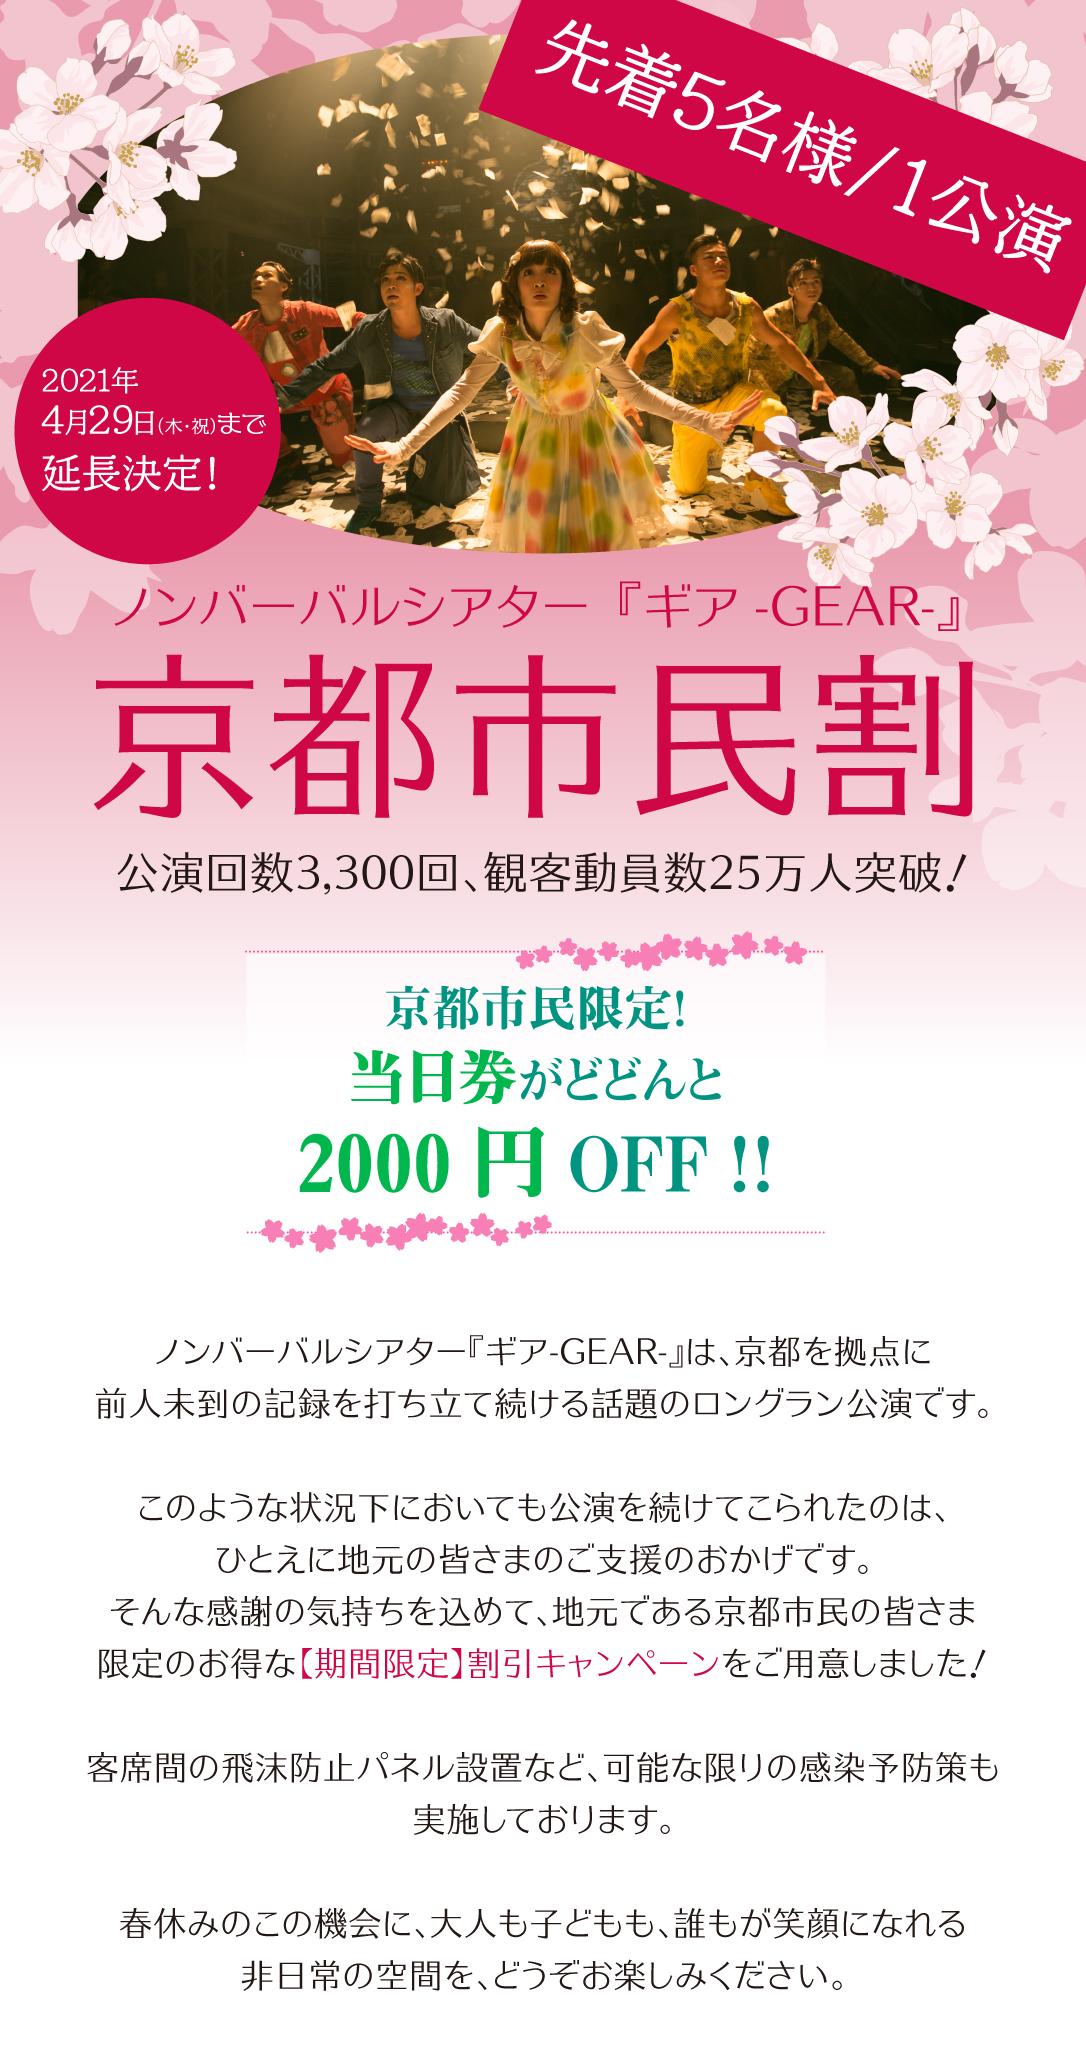 ノンバーバルシアター『ギアGEAR-』は3月6日(土)から4月11日(日)の期間、京都市民を対象としたチケット料金割引キャンペーンを実施します。 『ギア』はおかげさまで、まもなく京都ロングラン10年目を迎えます。 このような状況下においても公演継続に向けて大きなご支援をいただいた感謝の気持ちを込めて、地元である京都市民の皆さま限定の春休み割引キャンペーンをご用意いたしました。 客席間の飛沫防止パネル設置など、可能な限りの感染予防策も実施しております。 このようなご時世だからこそ、誰もが笑顔になれる非日常の空間を、どうぞお楽しみください。 【広報文(お客さま向け)】 公演回数3,000回、観客動員数25万人突破! ノンバーバルシアター『ギアGEAR-』は、京都を拠点に前人未到の記録を打ち立て続ける話題のロングラン公演です。 このような状況下においても公演を続けてこられたのは、ひとえに地元の皆さまのご支援のおかげです。そんな感謝の気持ちを込めて、地元である京都市民の皆さま限定のお得な:桜:春休み:桜:割引キャンペーンをご用意しました! 客席間の飛沫防止パネル設置など、可能な限りの感染予防策も実施しております。 春休みのこの機会に、大人も子どもも、誰もが笑顔になれる非日常の空間を、どうぞお楽しみください。 【キャンペーン内容】 京都市民限定!当日券がどどんと2000円OFF!! ■一般 S席 6,800円➞4,800円 A席 4,800円➞2,800円 ■小学生~高校生 S席 4,800円➞2,800円 A席 3,800円➞1,800円 【キャンペーン期間】 3月6日(土)から4月11日(日) 【ご利用方法】 京都市に在住・在勤・在学の方は、当日券の金額を割引いたします。 :再生ボタン:ご購入方法 残席がある場合のみ、公演当日の朝10時よりお電話にてご予約を受け付けいたします。 『ギア』公演事務局(0120-937-882)までお問合せください。 予定枚数に達していない場合には、開演1時間前より会場受付でも販売いたします。 ご来場時、窓口で下記いずれかの証明書をご提示ください。 :再生ボタン:証明書として使用できるもの ・運転免許証 ・健康保険証 ・社員証、保険証、学生証など勤務先や学校の所在地が確認できるもの ・その他、ご本人の住所もしくは勤務地、学校所在地が証明できるもの :再生ボタン:適用範囲など ・当日券にのみご利用いただけます。 ・他の割引との併用はできません。 ・B席は割引対象外です。 ・ご本人さまのみ有効です。